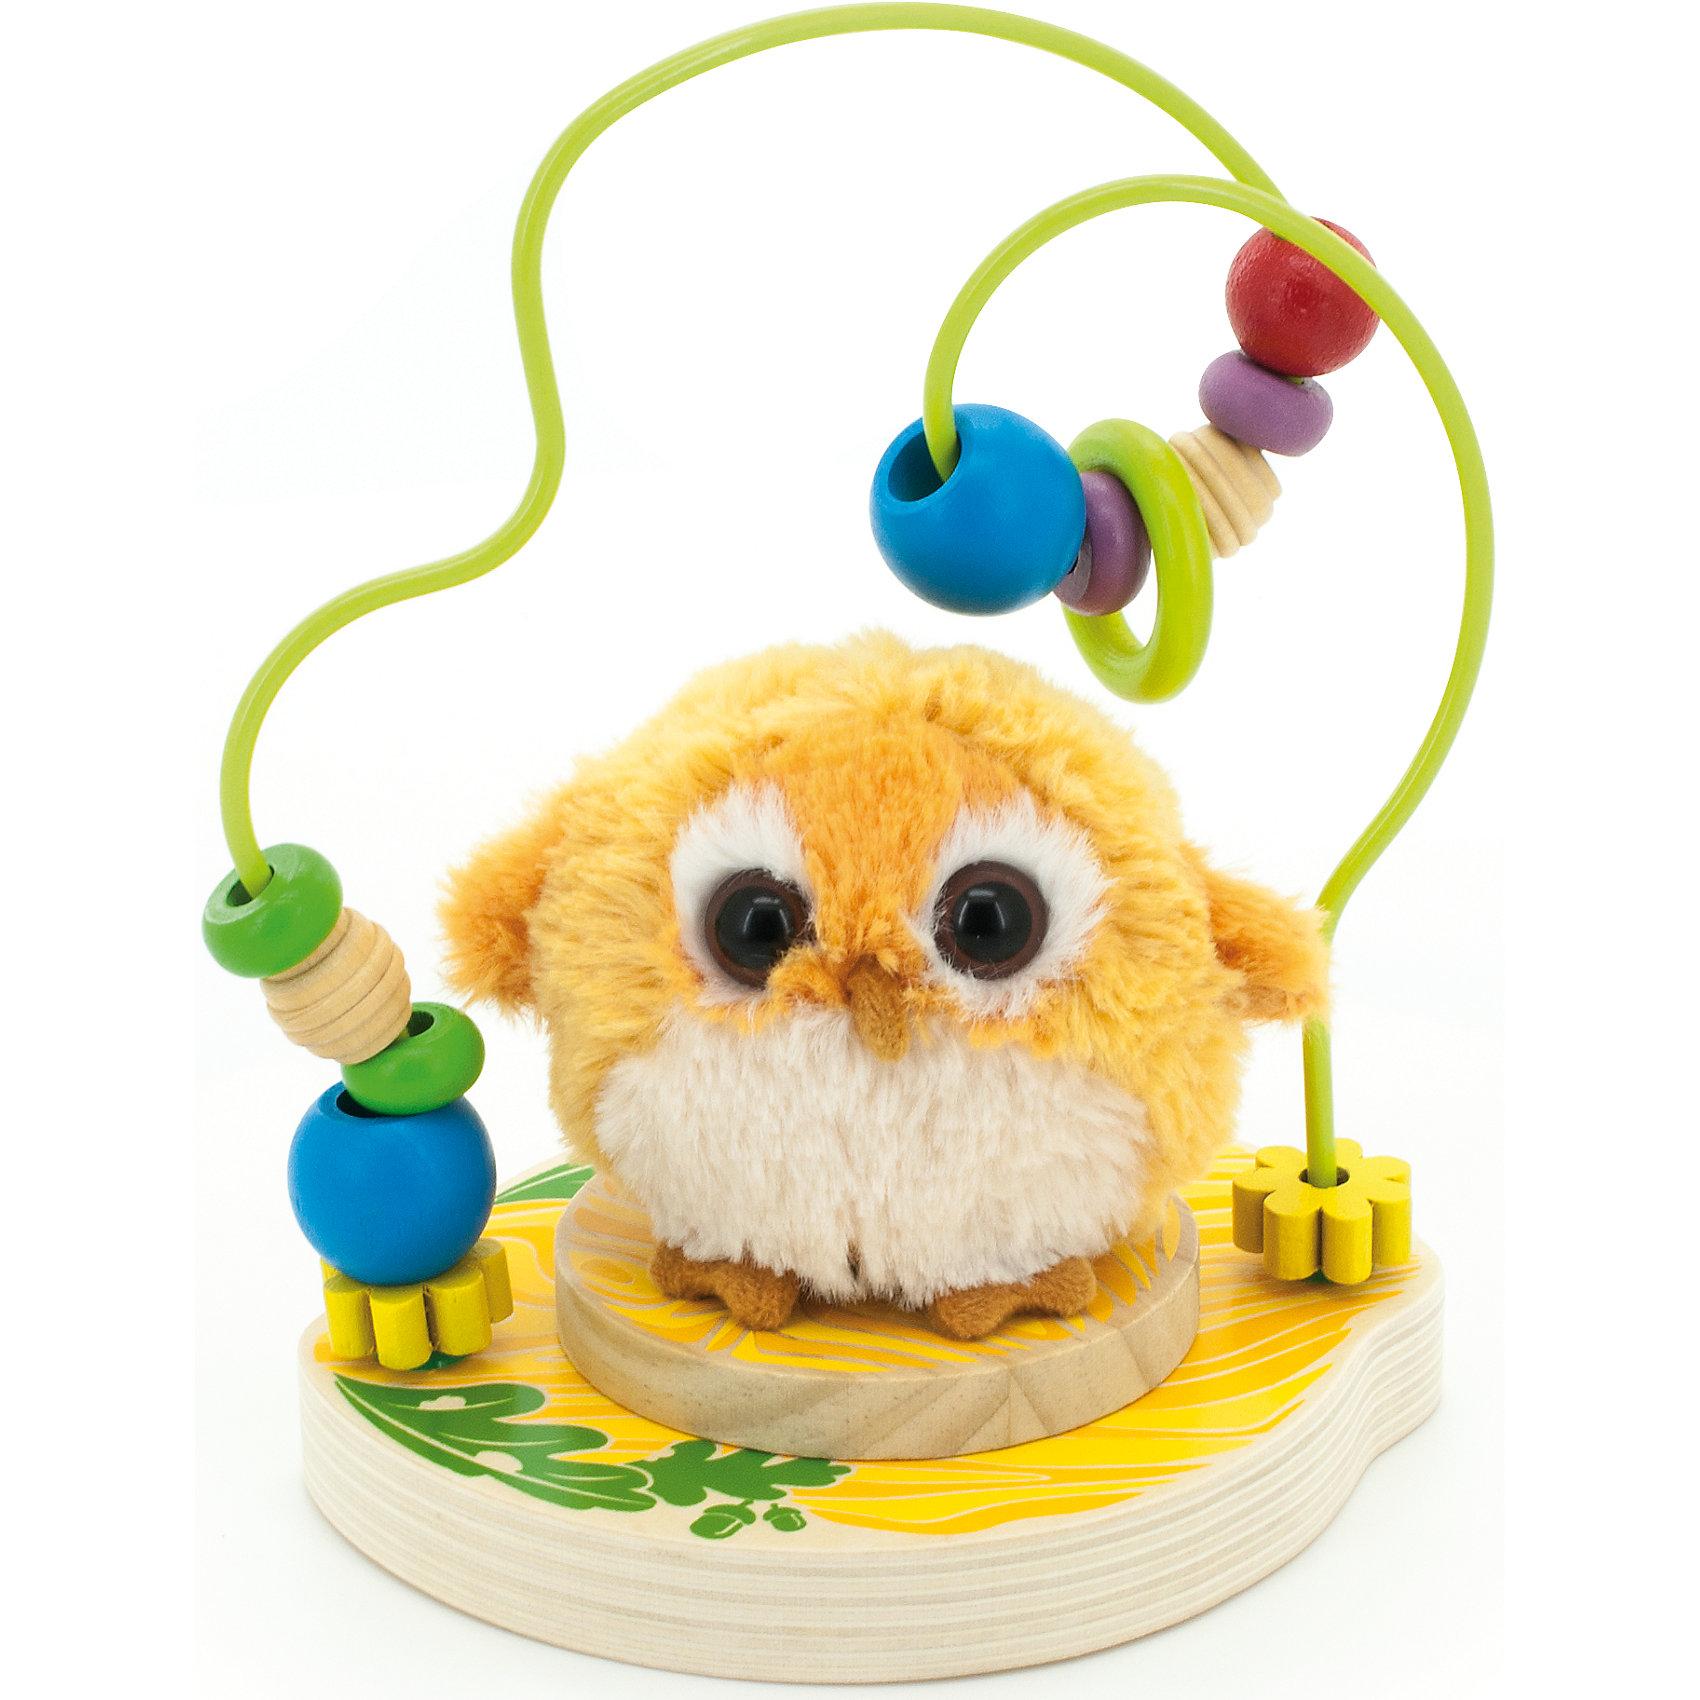 Лабиринт Совушка, Мир деревянных игрушекЭтот симпатичный лабиринт поможет ребенку узнавать мир, играя! Такие развивающие игры помогают малышу быстрее освоить нужные навыки: они развивают мелкую моторику, цветовосприятие, умение логически размышлять, внимание, способность распознавать разные геометрические формы, умение считать и многое другое.<br>Этот лабиринт сделан из натурального дерева, отлично обработанного и безопасного для малышей. Игра с ним может надолго занять ребенка!<br><br>Дополнительная информация:<br><br>цвет: разноцветный;<br>материал: дерево, ЭВА;<br>размер упаковки: 18 х 16 х 21 см.<br><br>Лабиринт Совушка от компании Мир деревянных игрушек можно купить в нашем магазине.<br><br>Ширина мм: 185<br>Глубина мм: 160<br>Высота мм: 210<br>Вес г: 550<br>Возраст от месяцев: 36<br>Возраст до месяцев: 2147483647<br>Пол: Унисекс<br>Возраст: Детский<br>SKU: 4976690